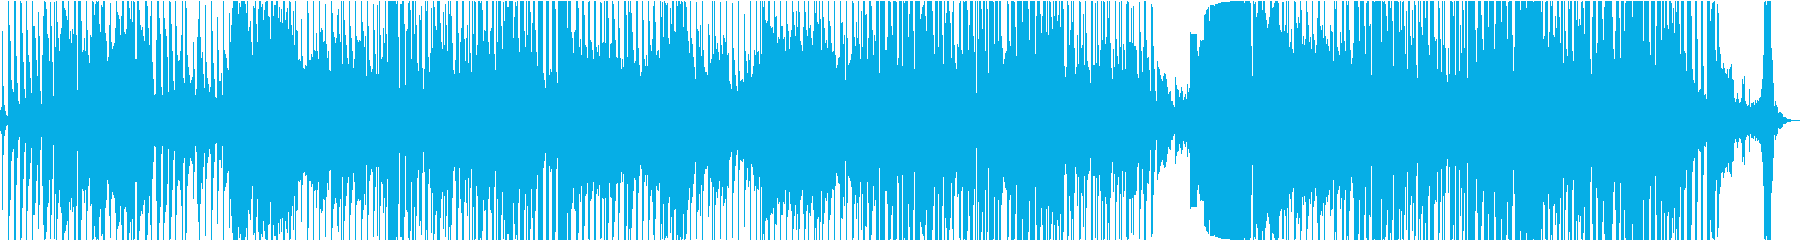 カントリー 民謡 ドラマチック 可...の再生済みの波形